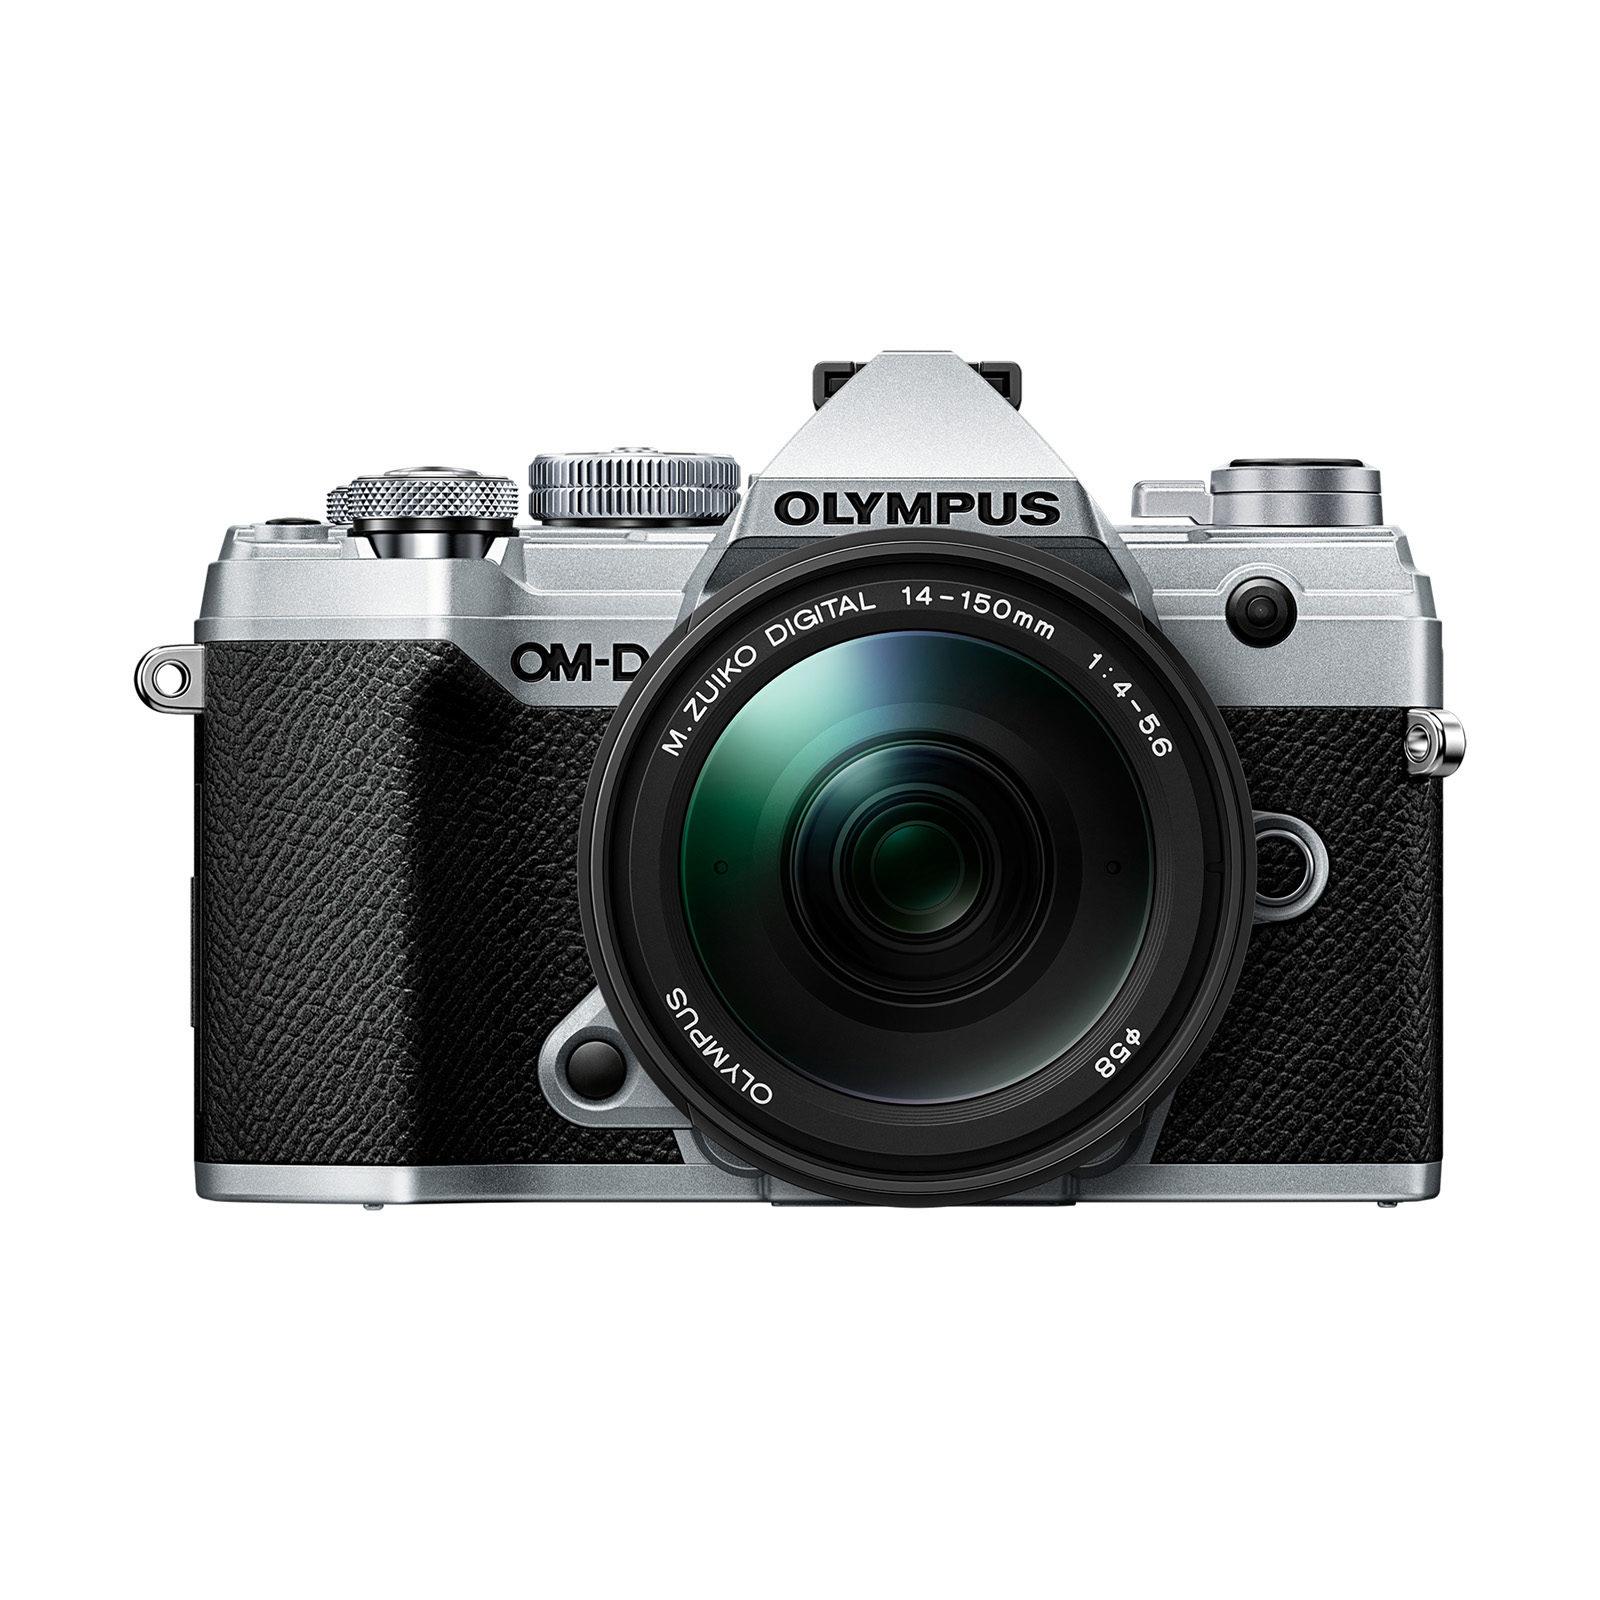 Olympus OM-D E-M5 Mark III systeemcamera Zilver + 14-150mm Zwart <br/>€ 1499.00 <br/> <a href='https://www.cameranu.nl/fotografie/?tt=12190_474631_241358_&r=https%3A%2F%2Fwww.cameranu.nl%2Fnl%2Fp3130147%2Folympus-om-d-e-m5-mark-iii-systeemcamera-zilver-14-150mm-zwart%3Fchannable%3De10841.MzEzMDE0Nw%26utm_campaign%3D%26utm_content%3DOM-D%2Bserie%26utm_source%3DTradetracker%26utm_medium%3Dcpc%26utm_term%3DDigitale%2Bcamera%26apos%3Bs' target='_blank'>naar de winkel</a>